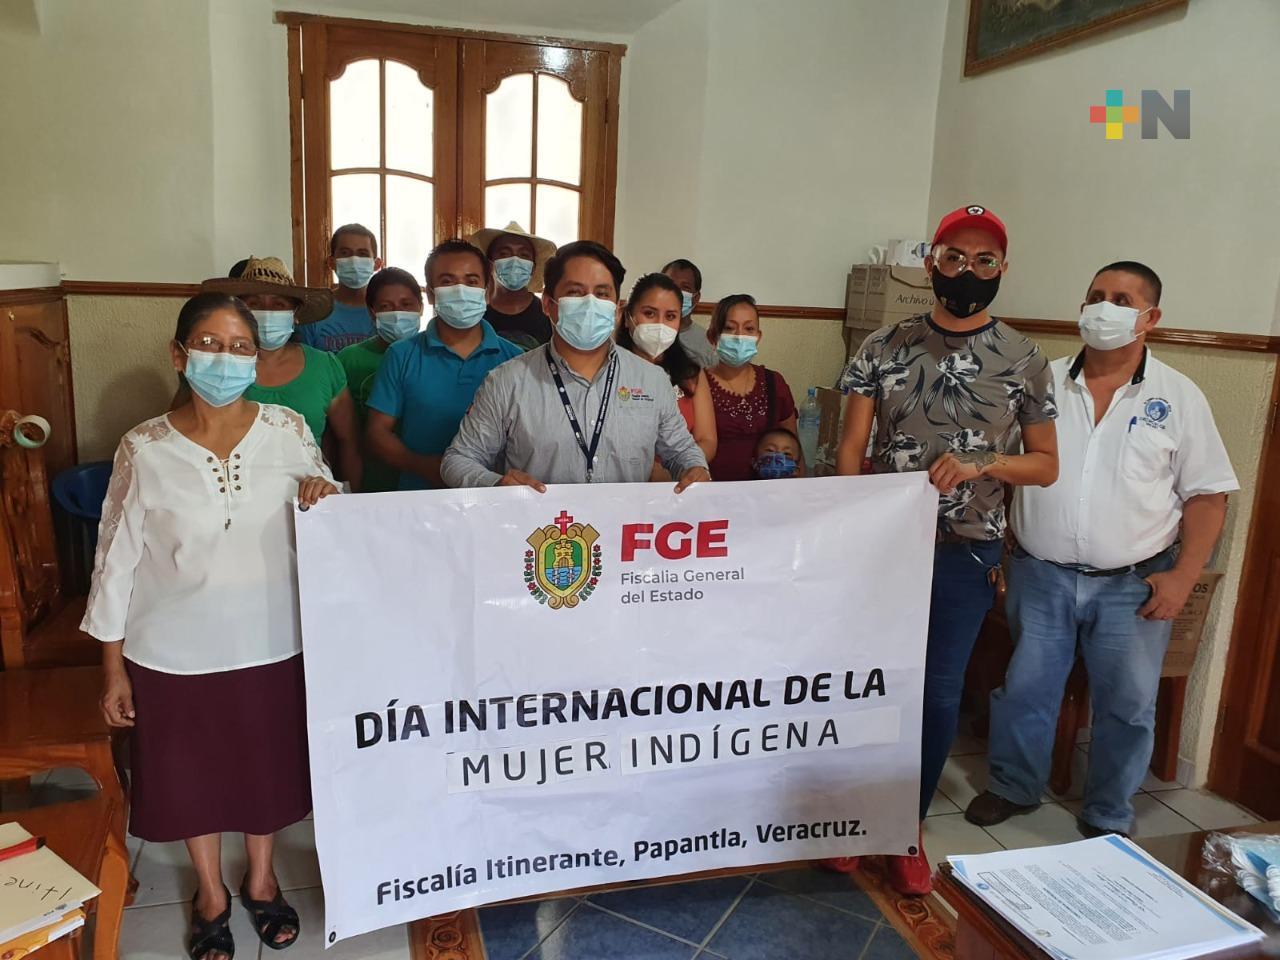 La FGE conmemoró el Día Internacional de la Mujer Indígena